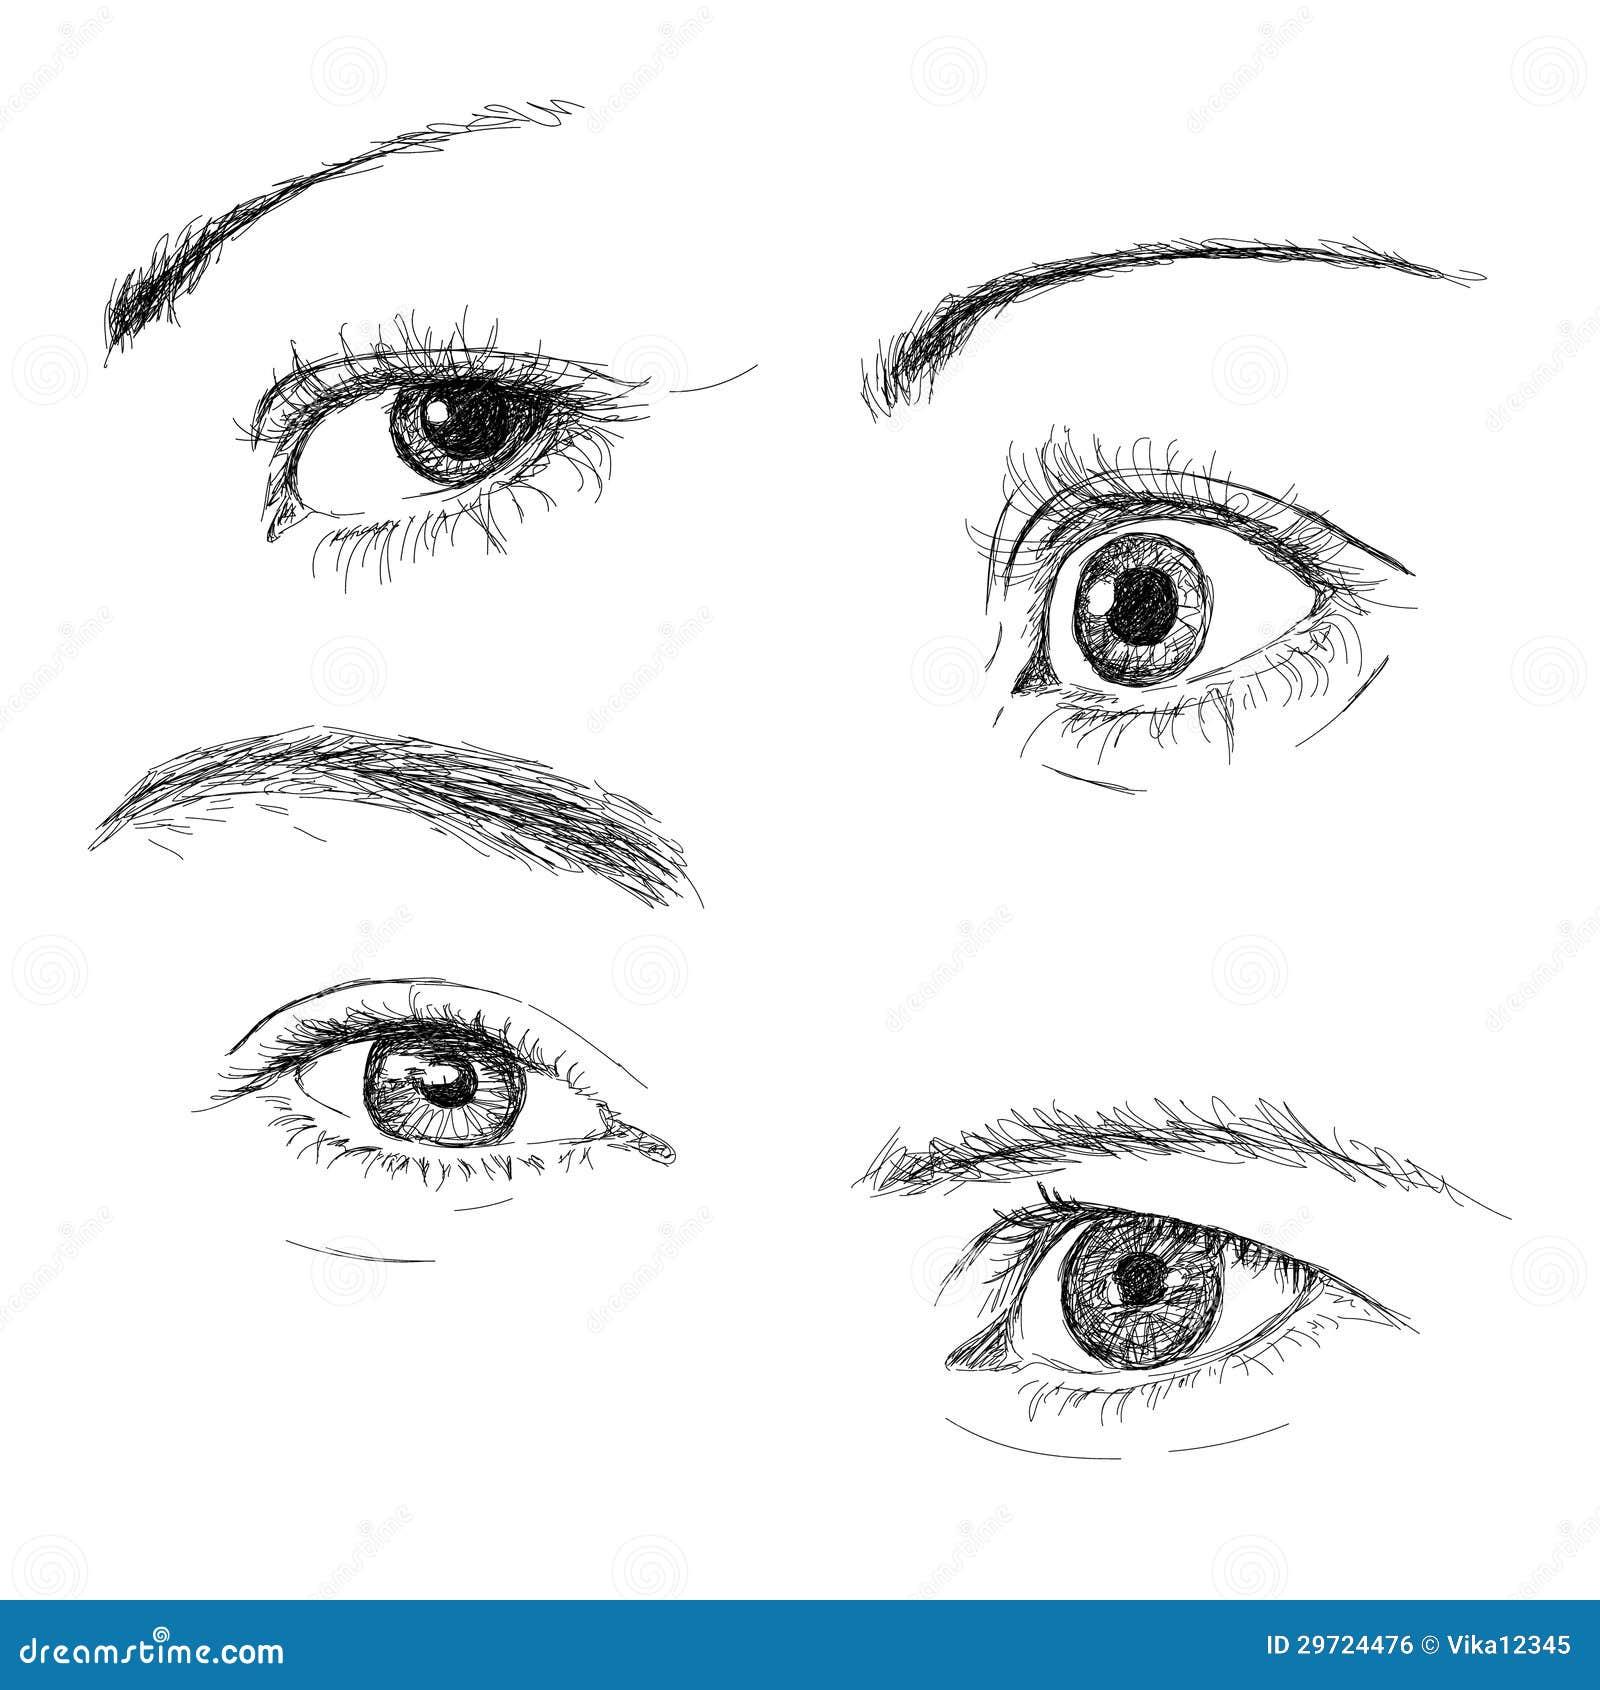 Occhi disegnati a mano immagine stock libera da diritti for Immagini teschi disegnati